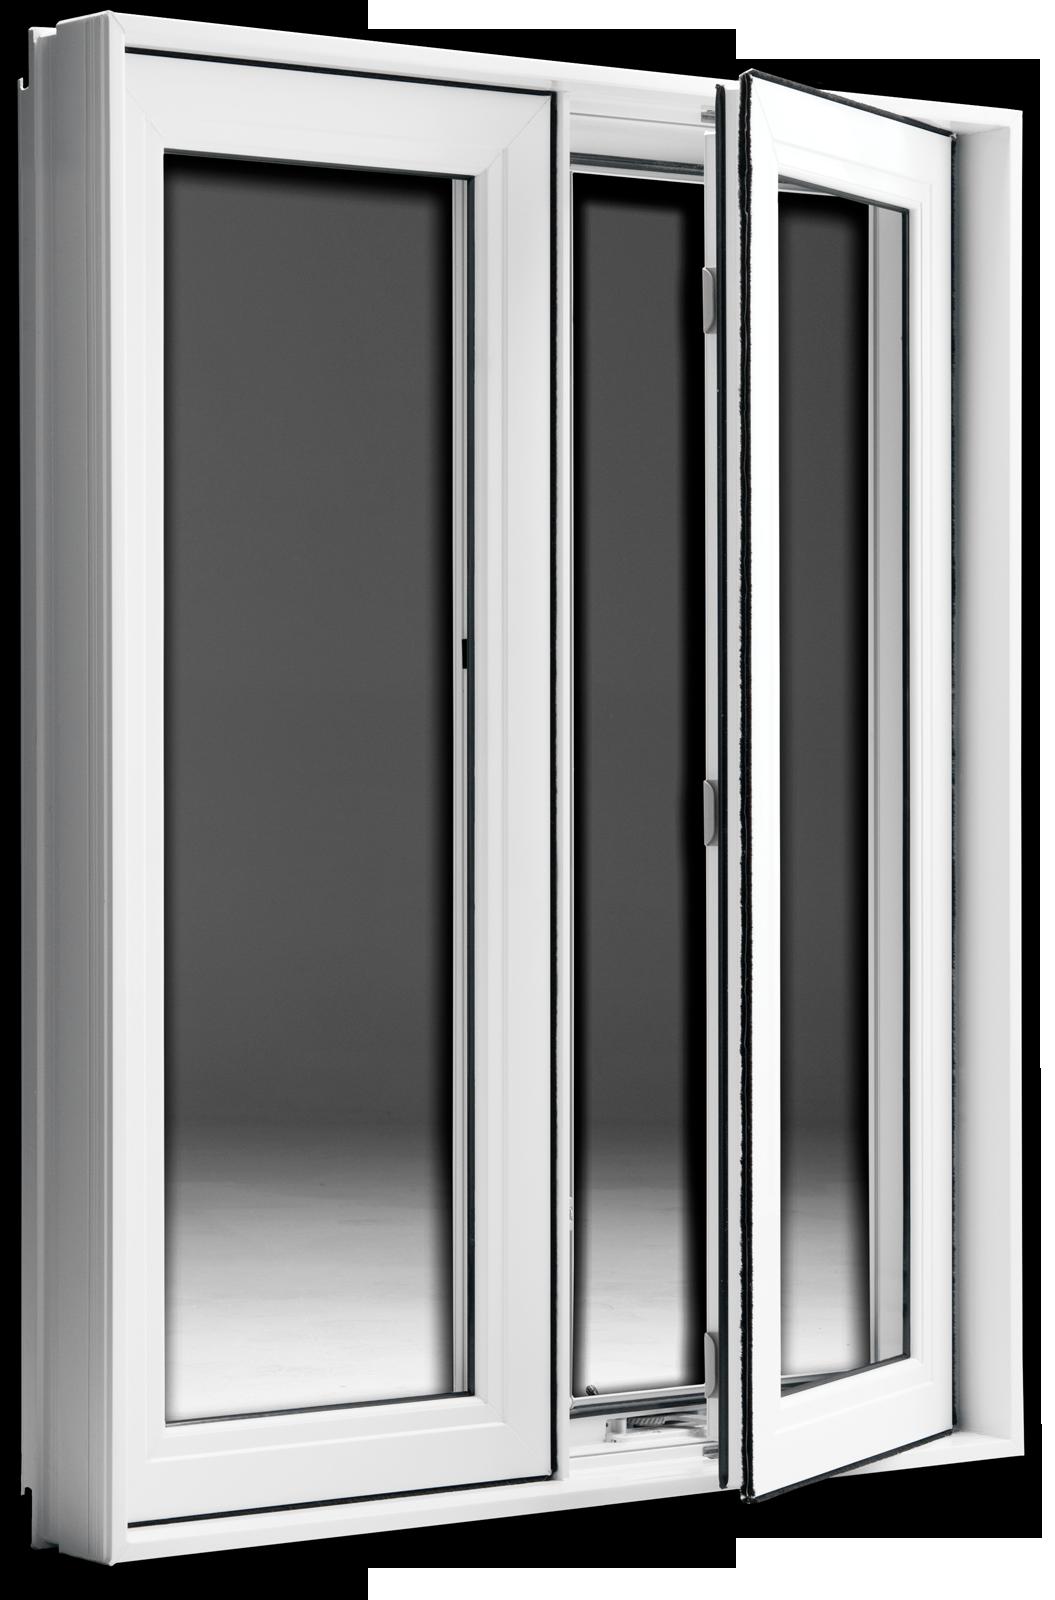 Fenêtre de PVC ou hybrides (aluminium/PVC) Ultima Fenestration